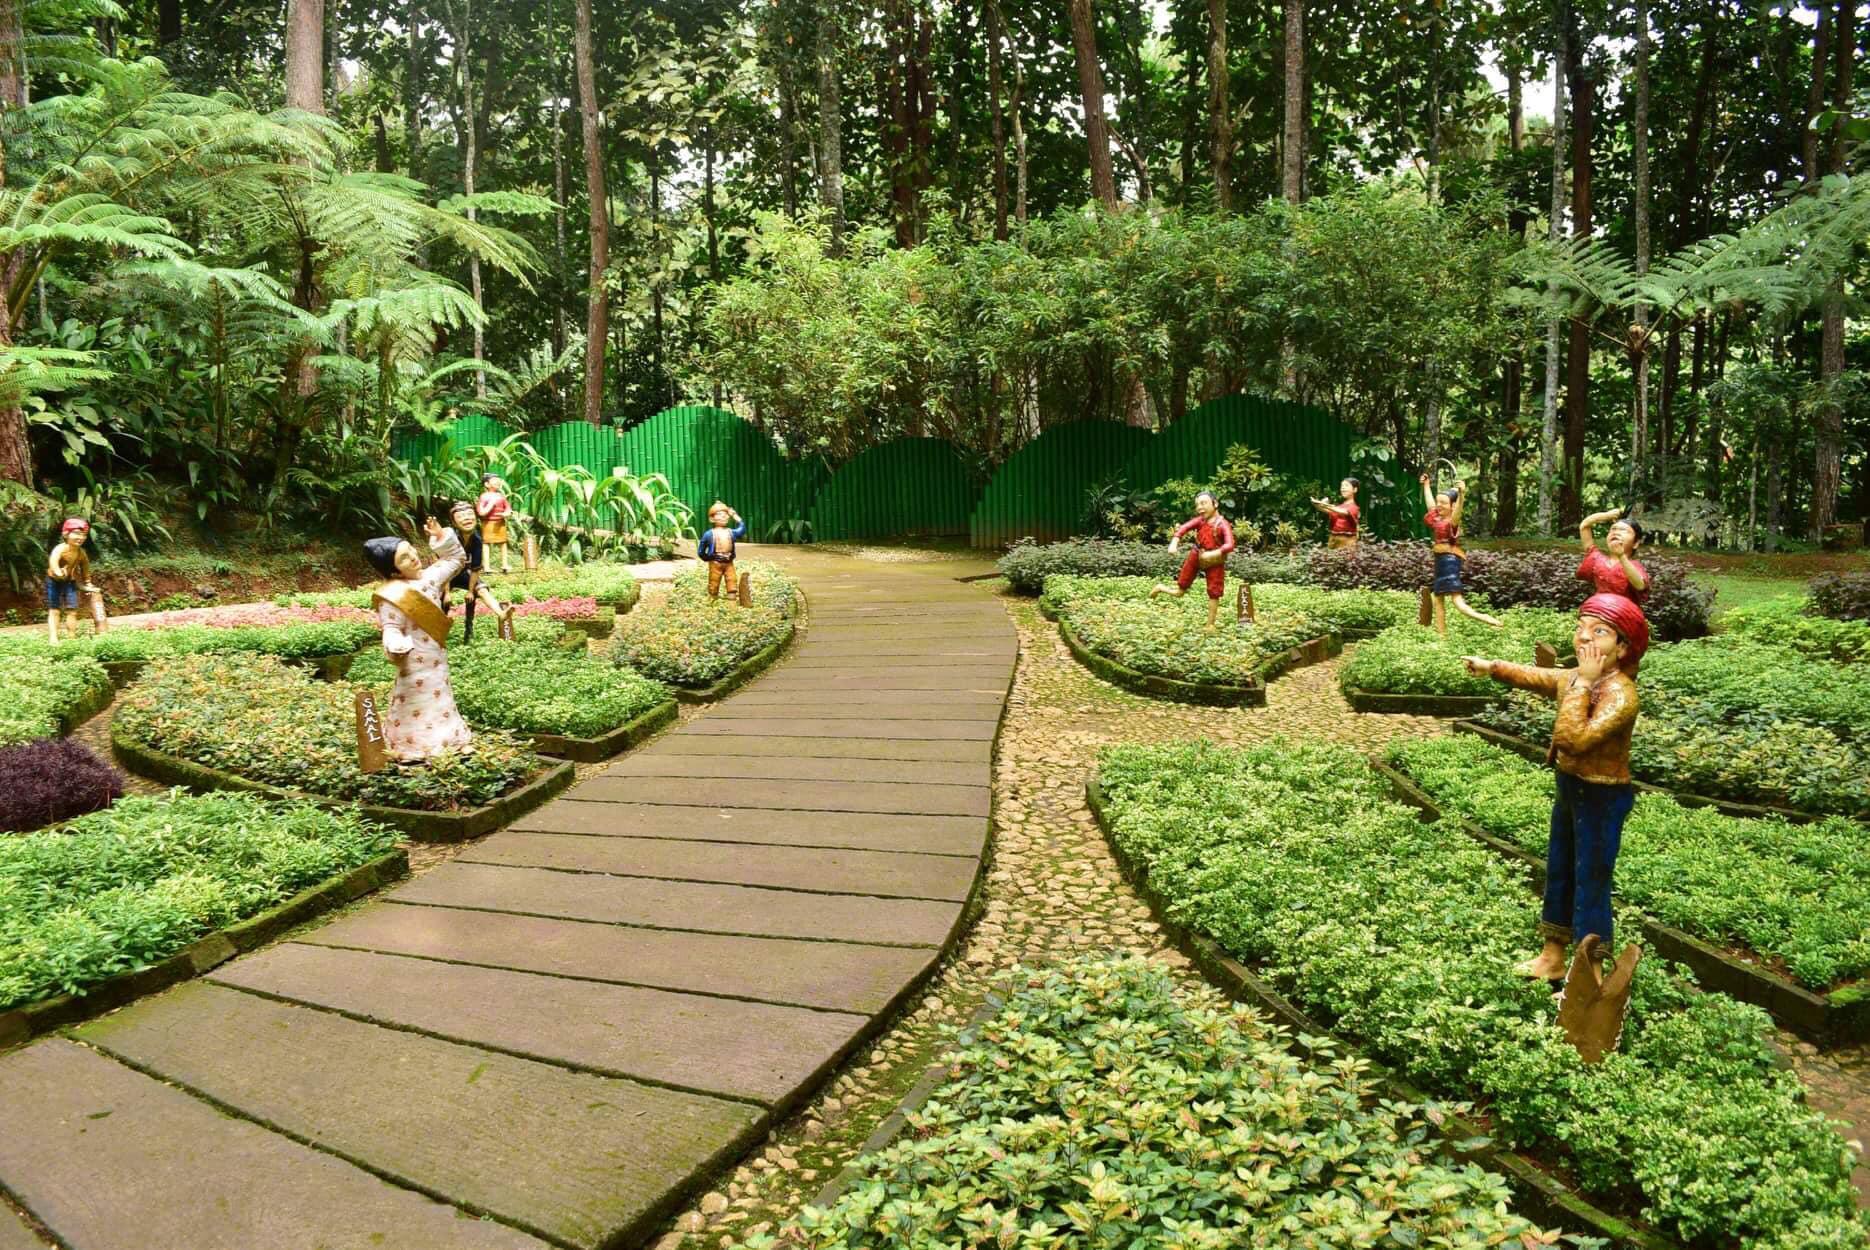 https://tourism.davaocity.gov.ph/wp-content/uploads/2018/10/manmade-7-1.jpg